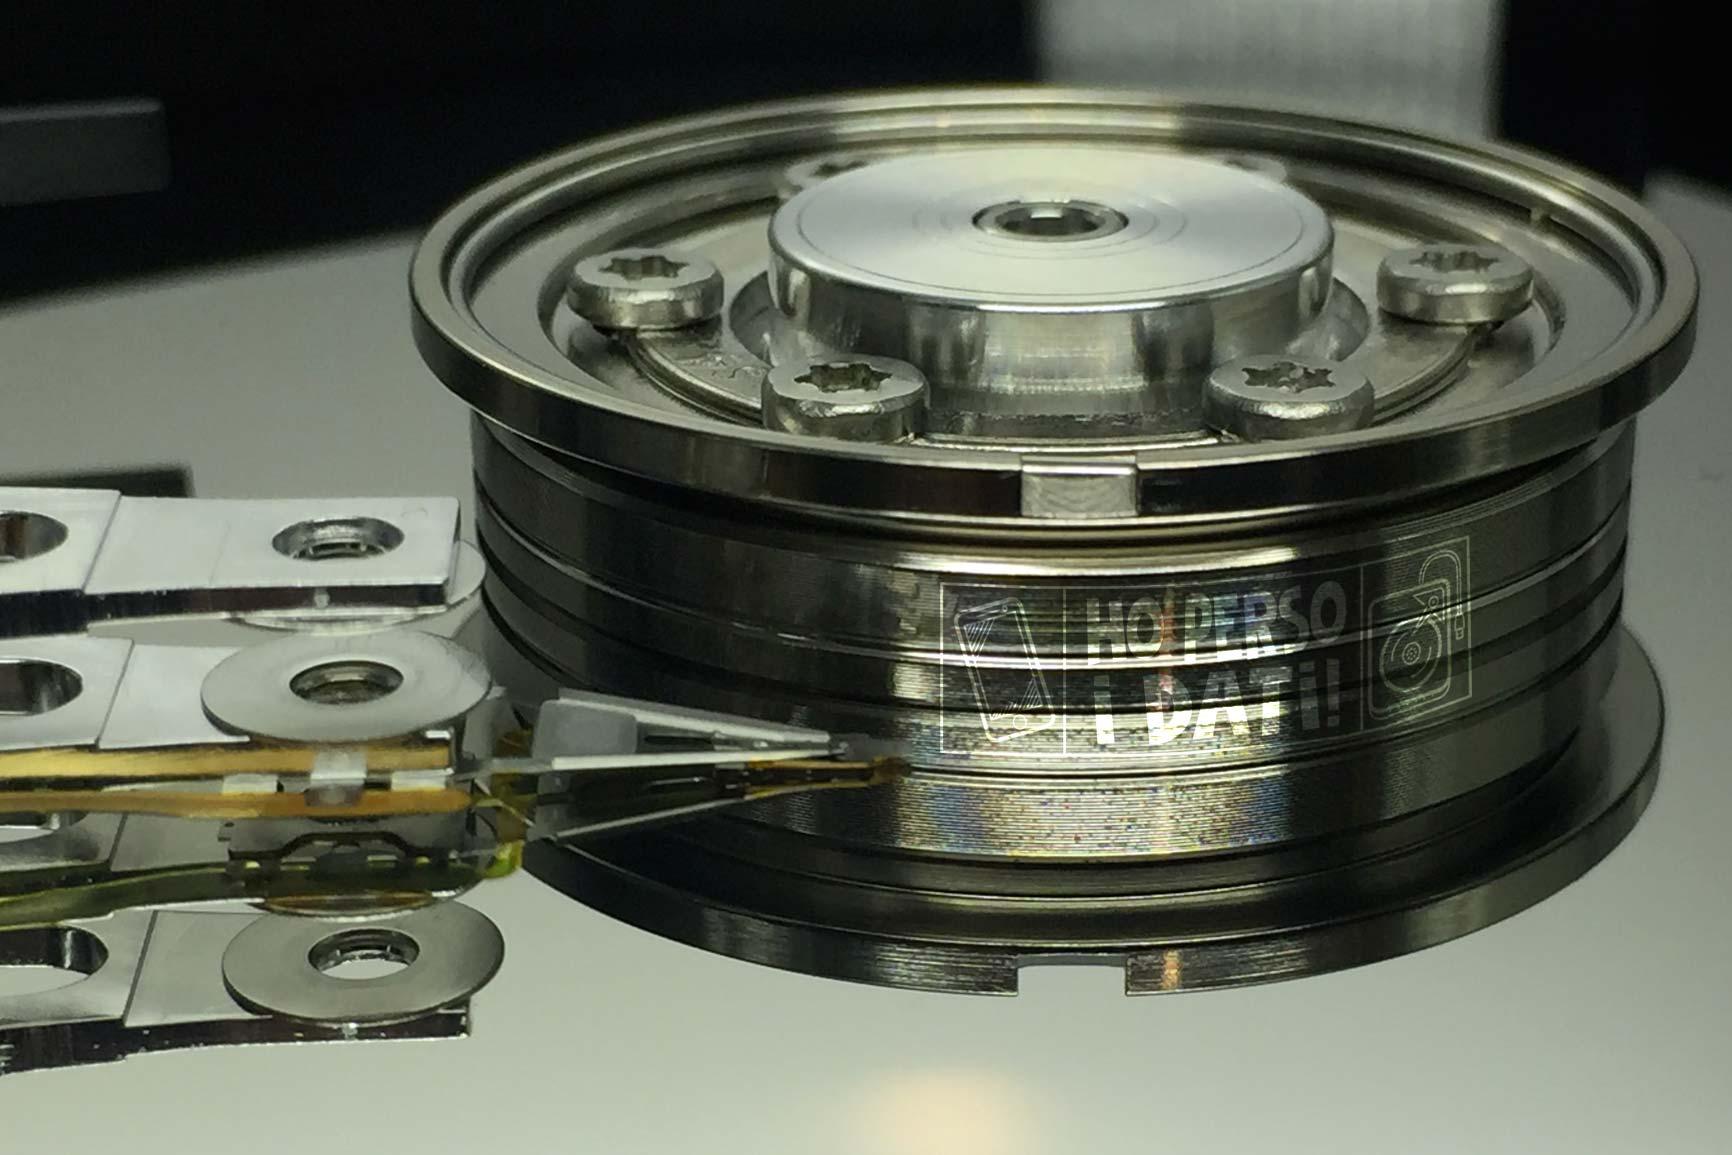 hopersoidati.it - recupero dati da hard disk - diagnosi gratuita e preventivo senza impegno - segui le istruzioni recupero dati